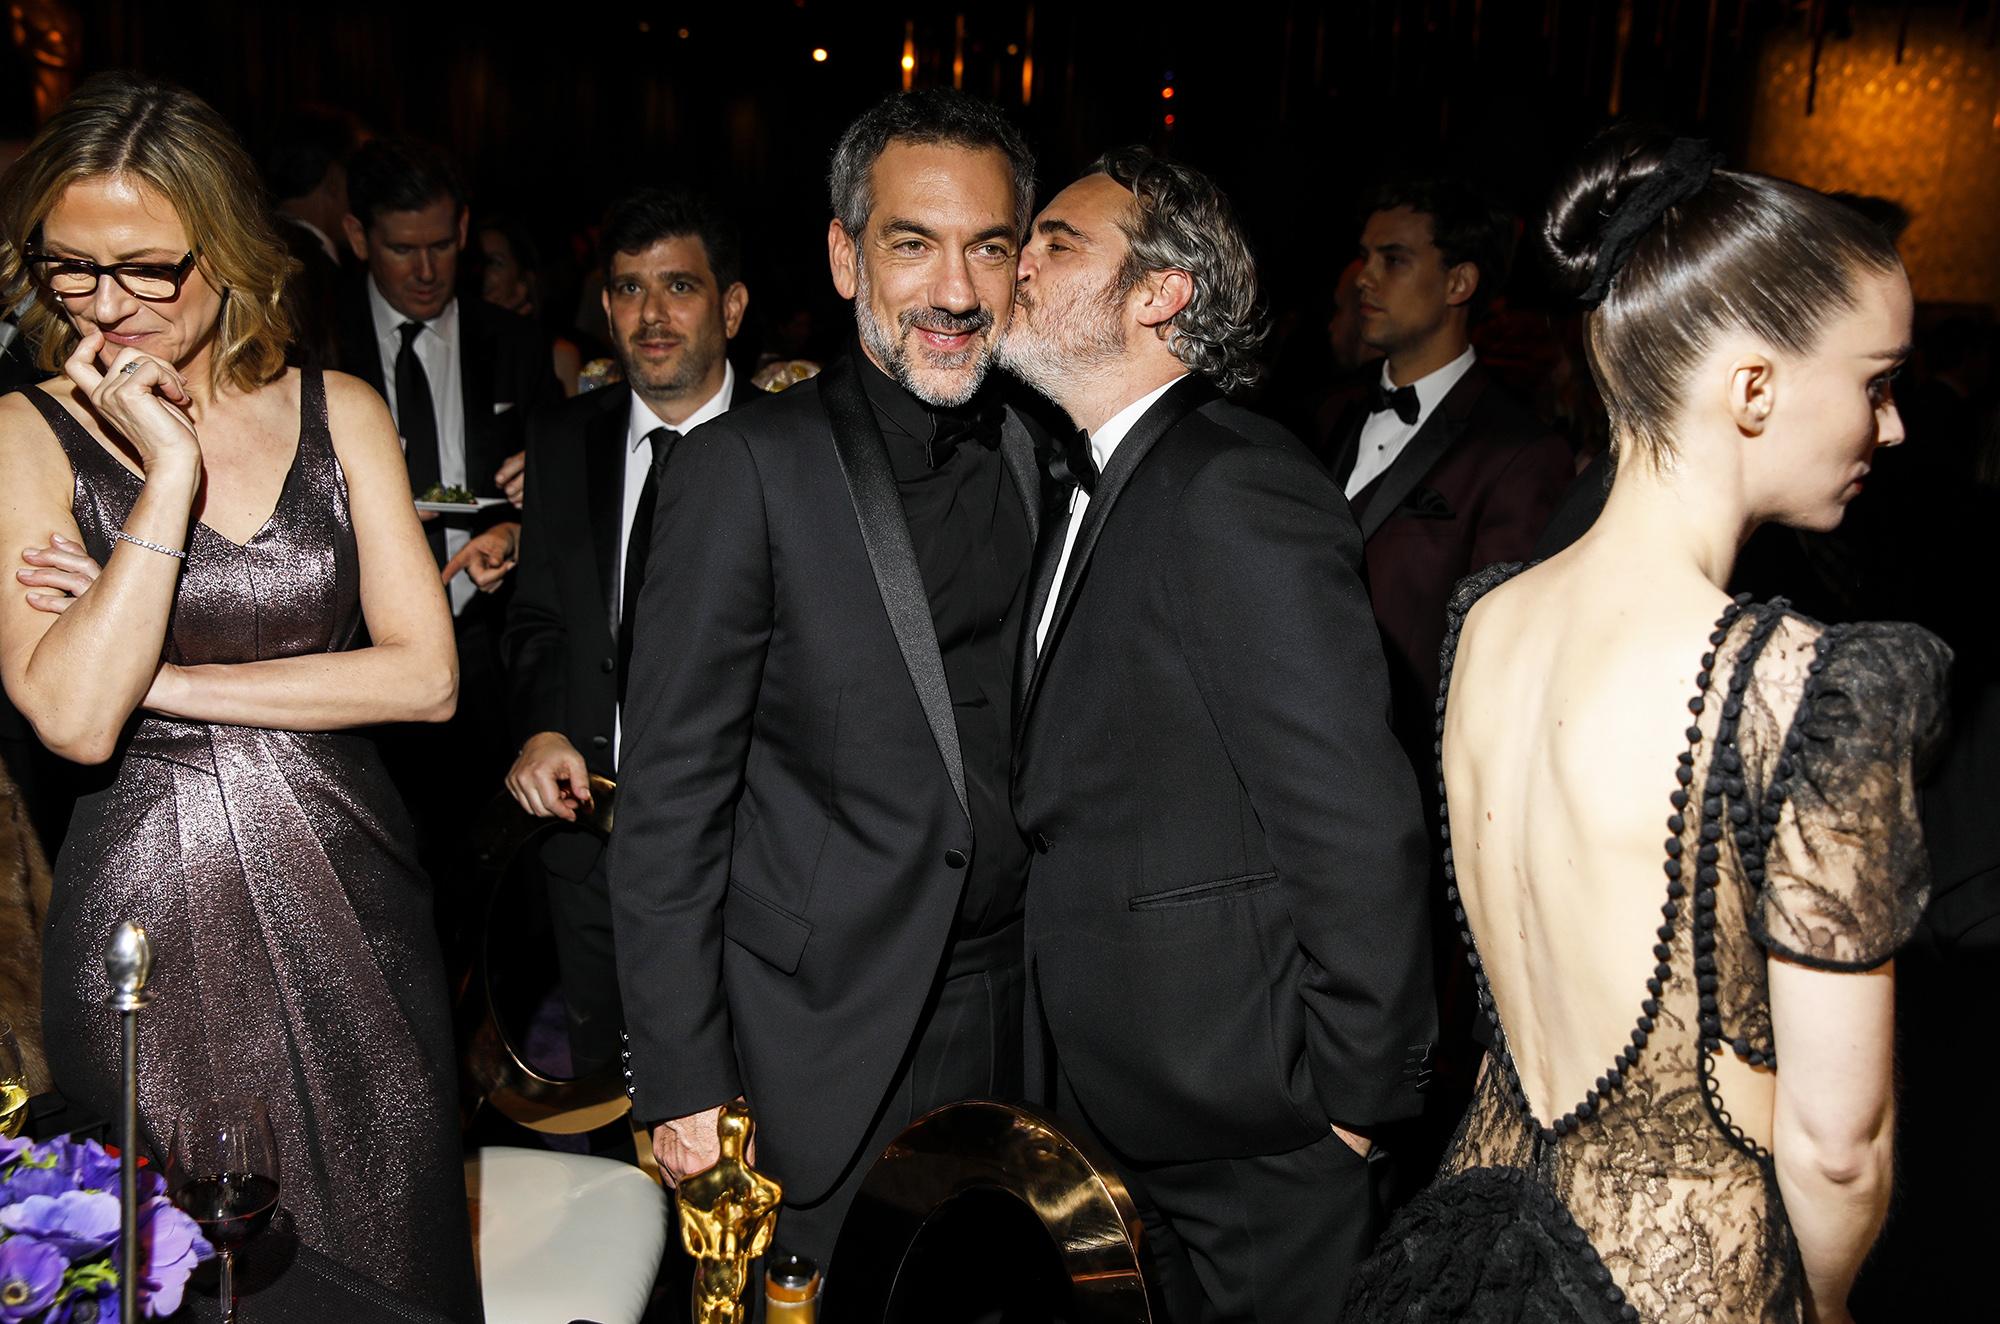 Хоакин Феникс целует вщеку режиссера Тодда Филиппса нагубернаторском балу